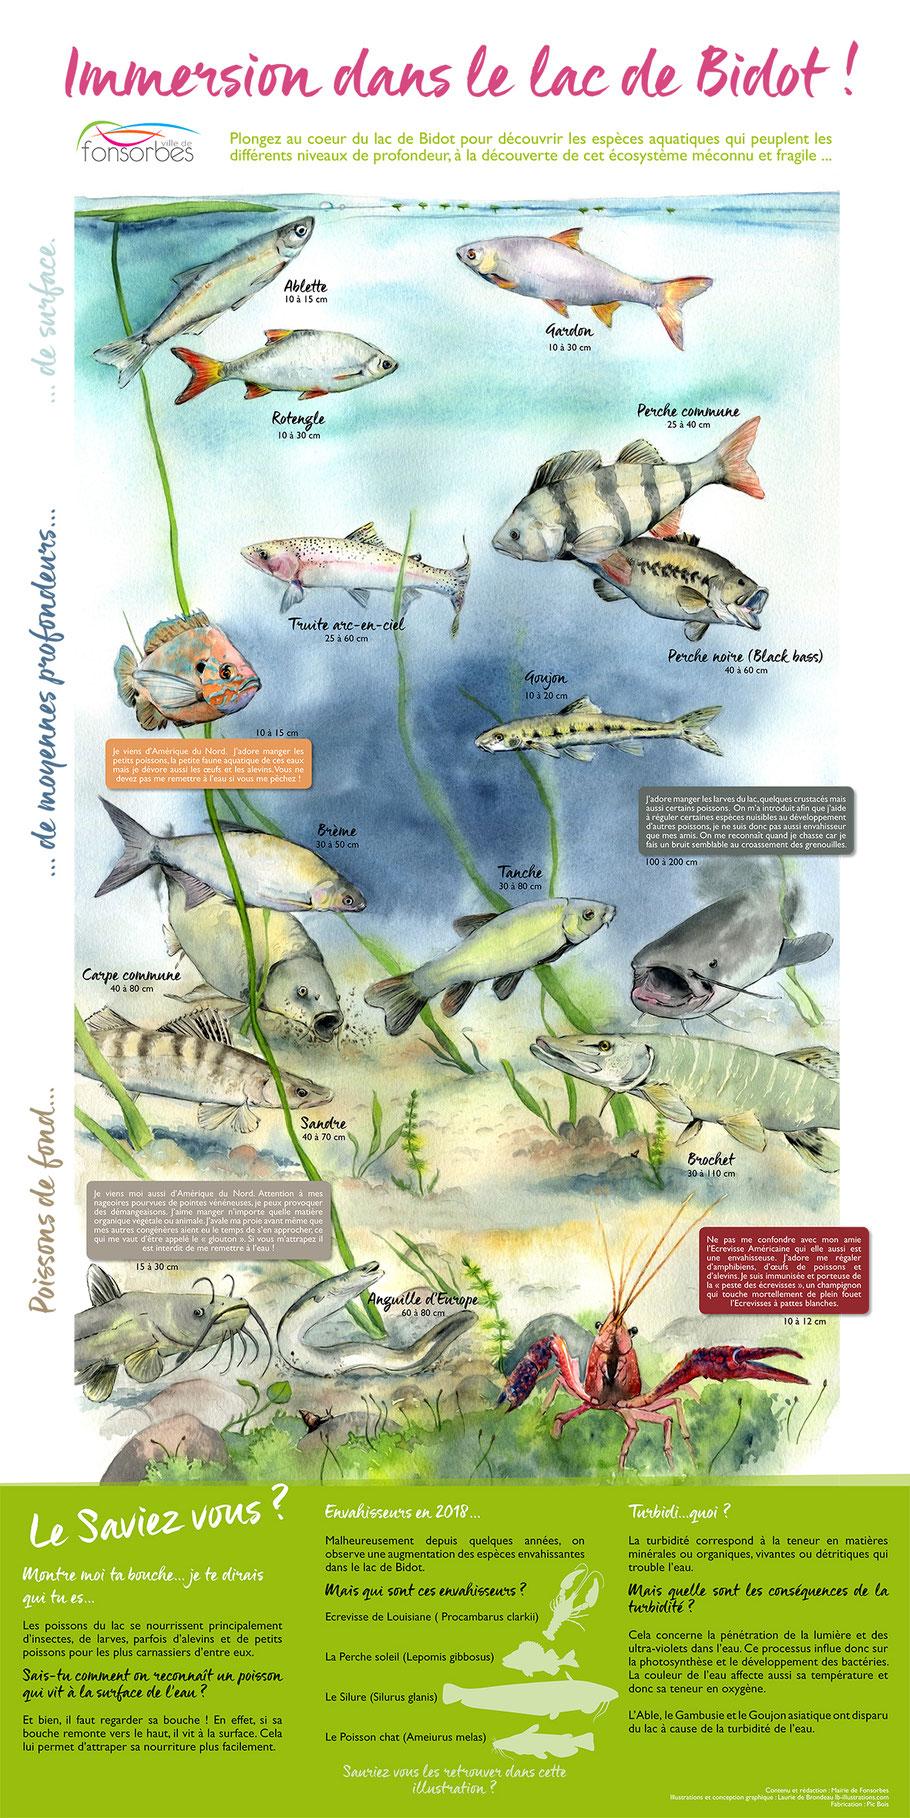 panneau pédagogique, poissons, étang de Bidot, illustration aquarelle, Fonsorbes, Laurie de Brondeau